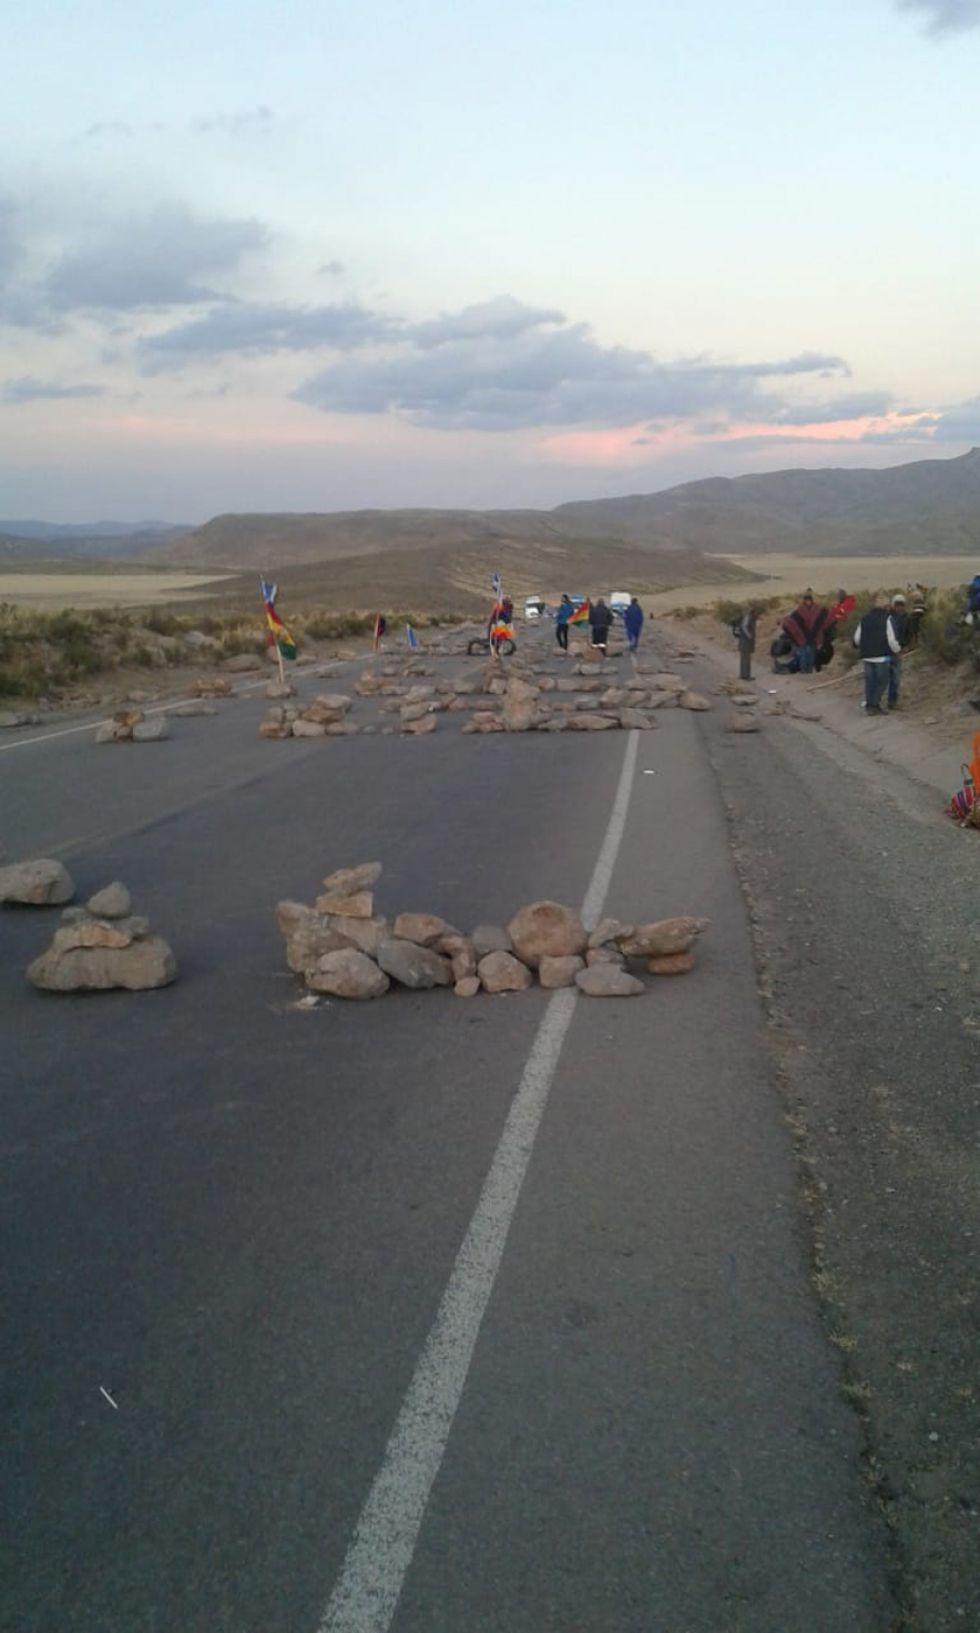 La carretera está sembrada de piedras y otros objetos.